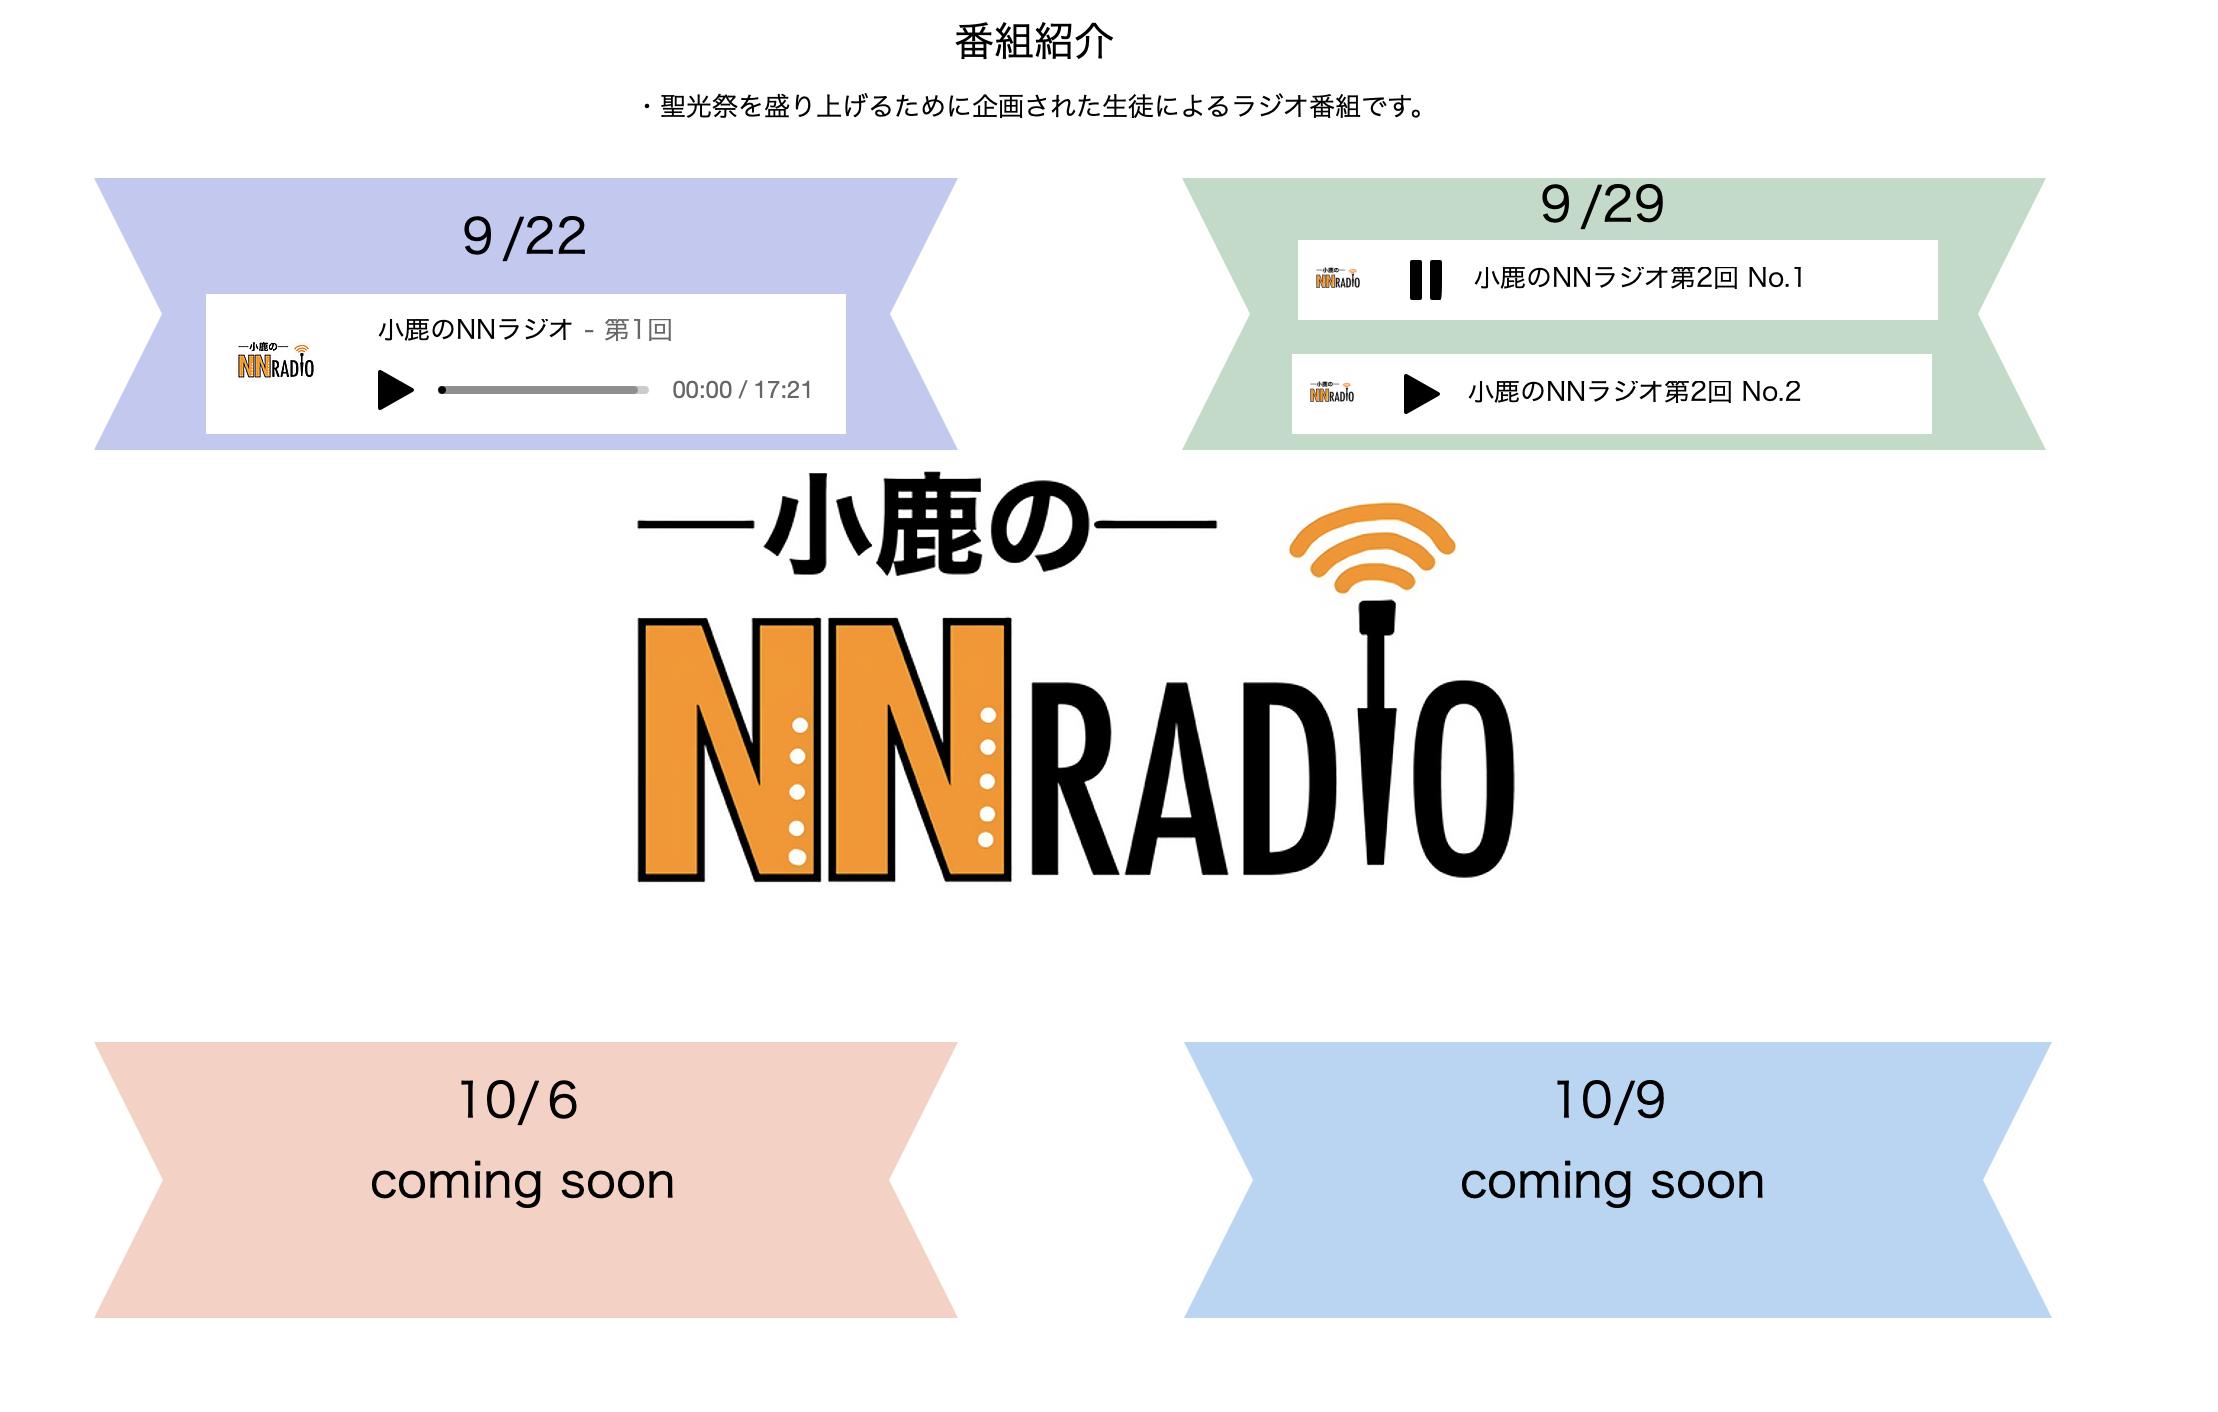 スクリーンショット 2021-09-29 17.52.43